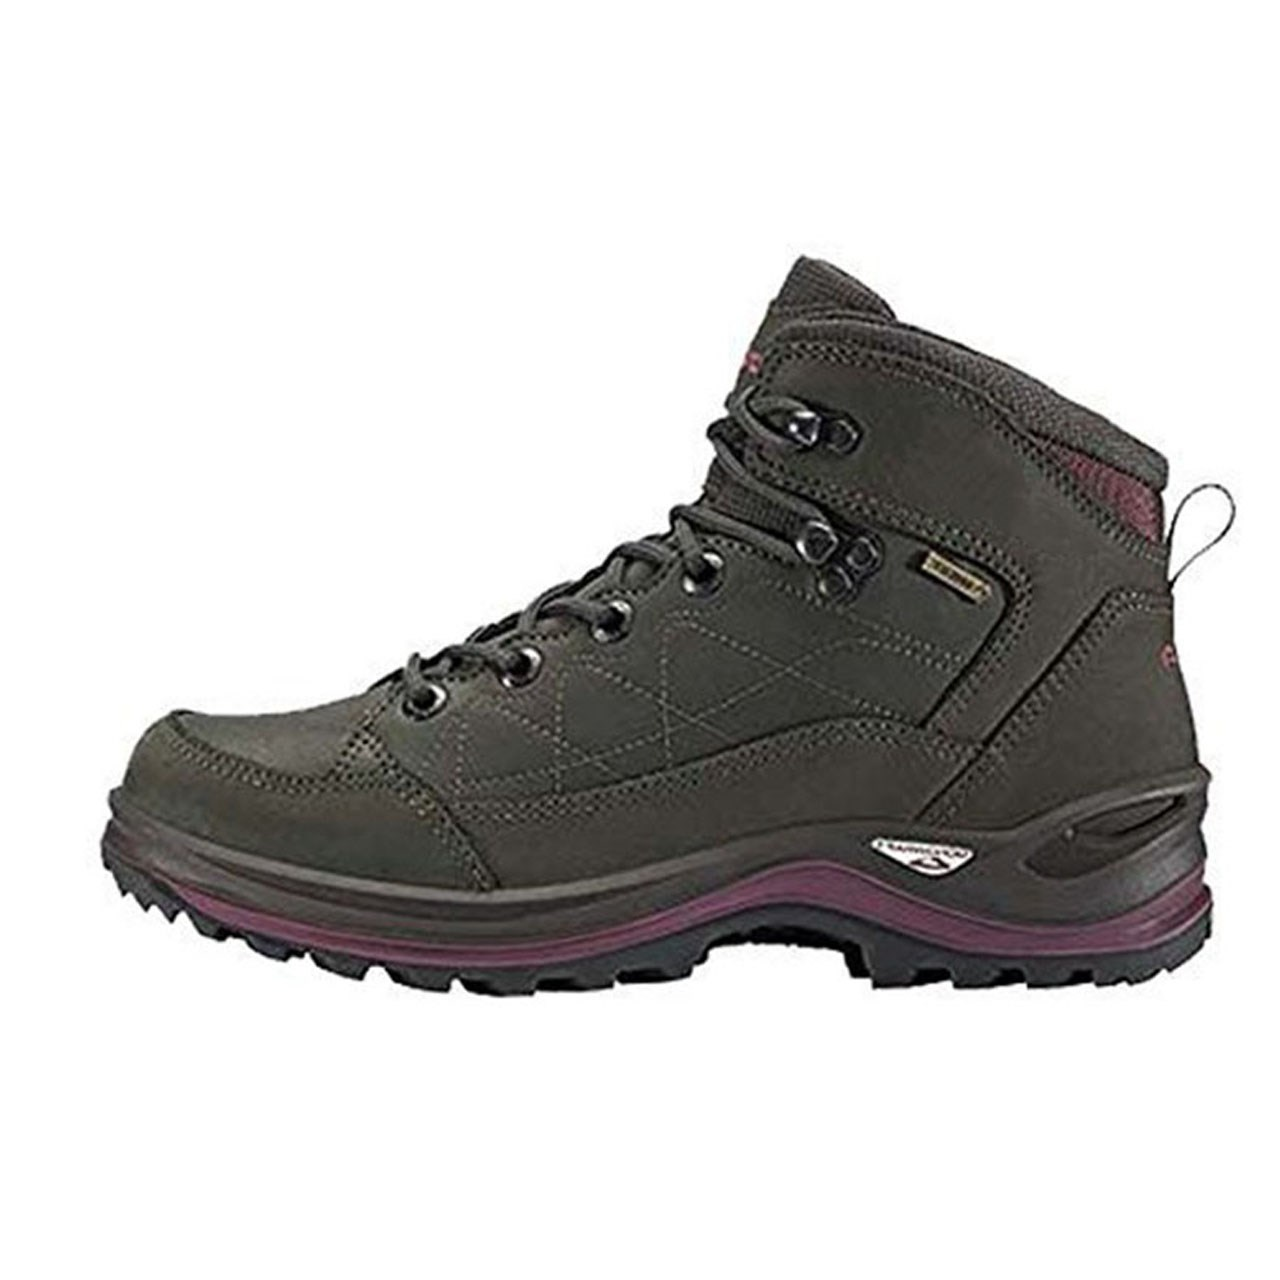 کفش کوهنوردی زنانه لوا مدل NOS TORO II GTX LO Ws Da Outdoorschuh